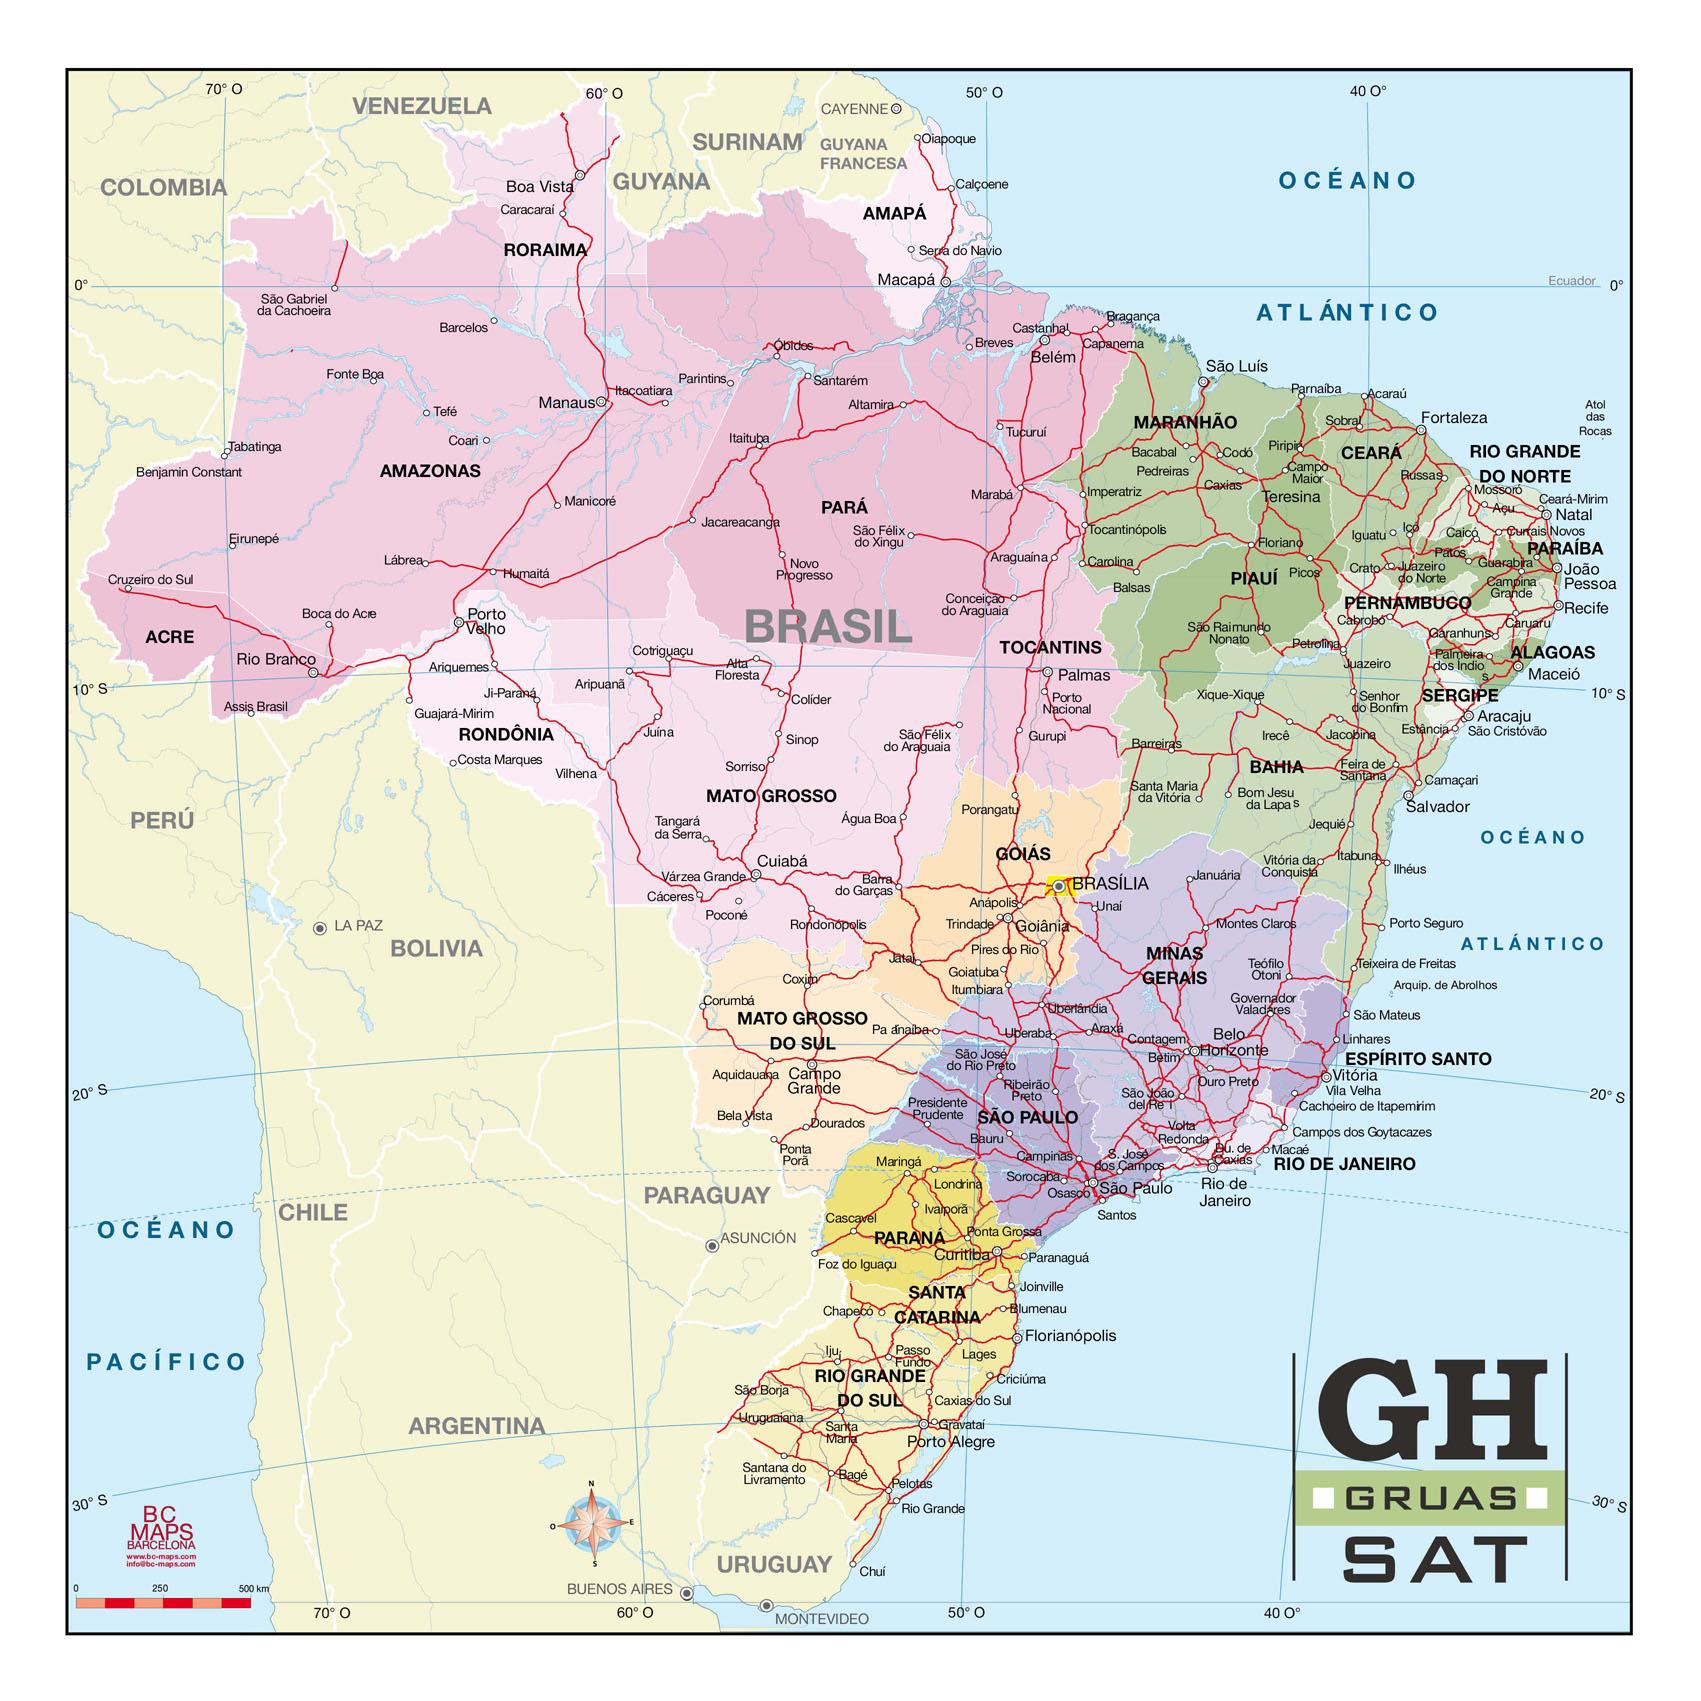 Brasil Vector City Maps Eps Illustrator Freehand Corel Draw